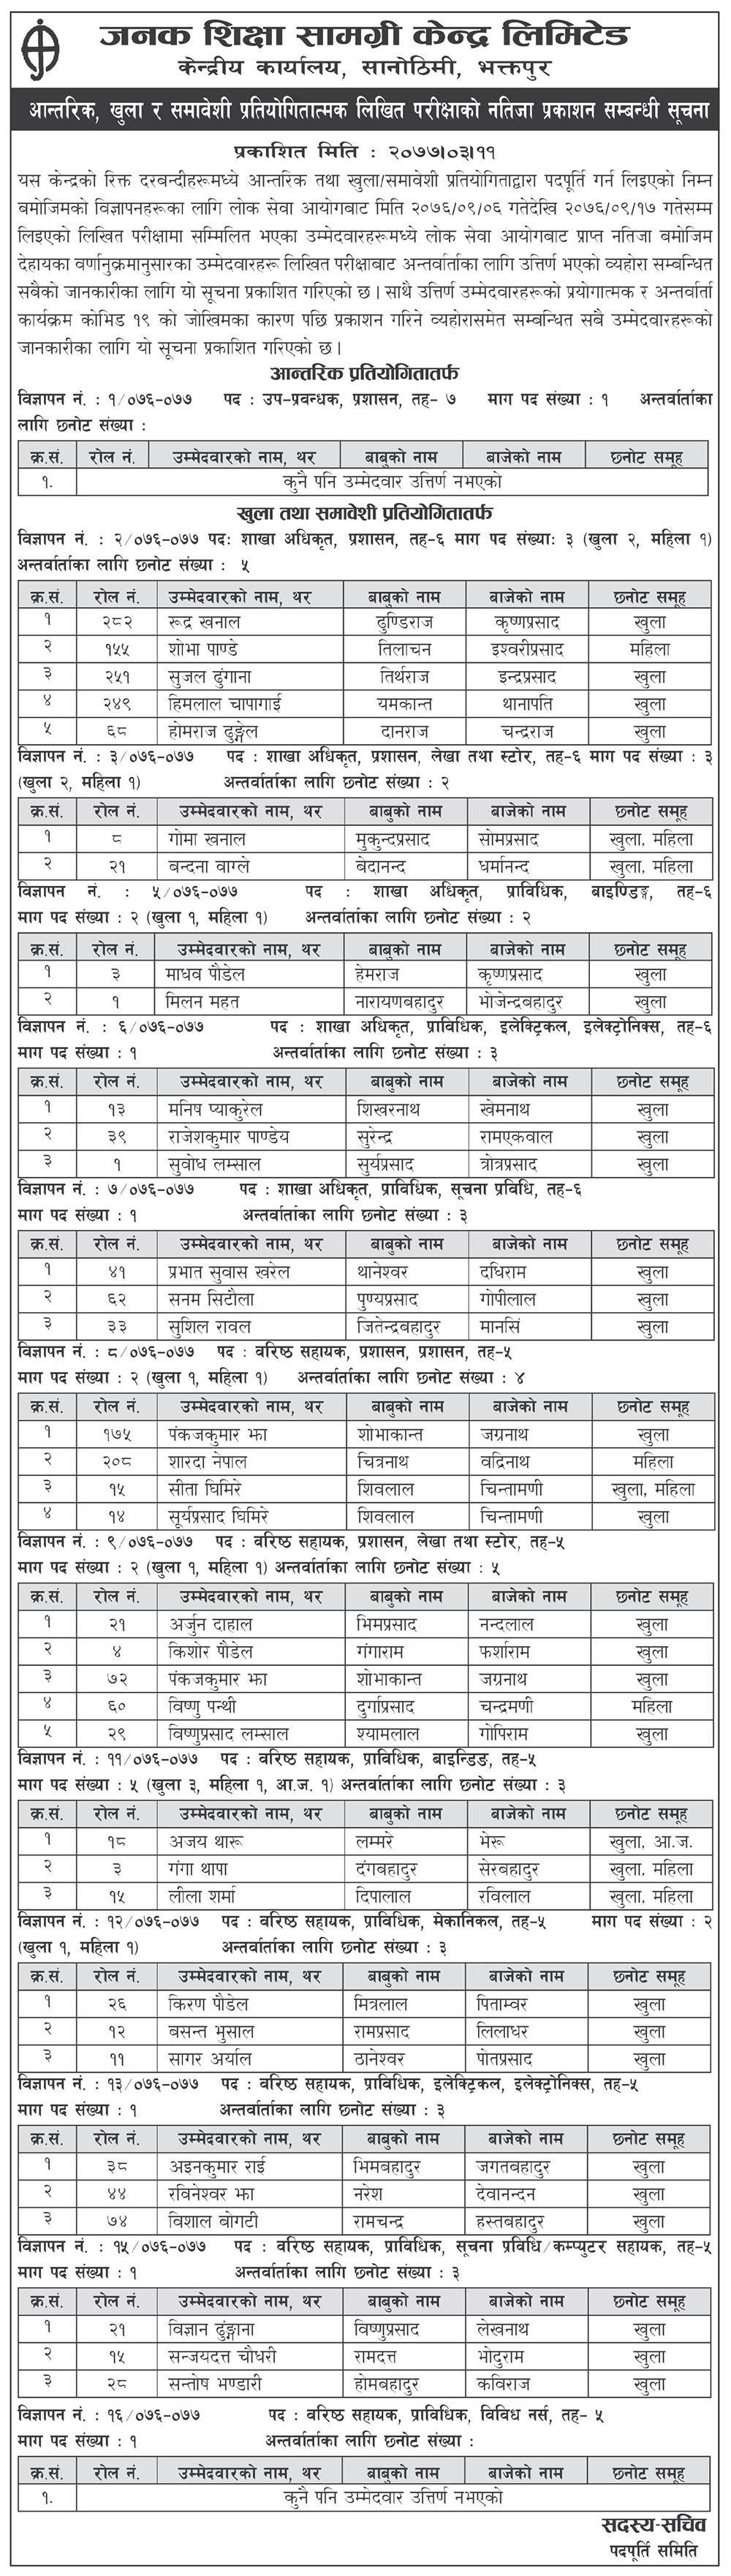 Written Exam Result - Janak Shikshya Samagri Kendra Limited